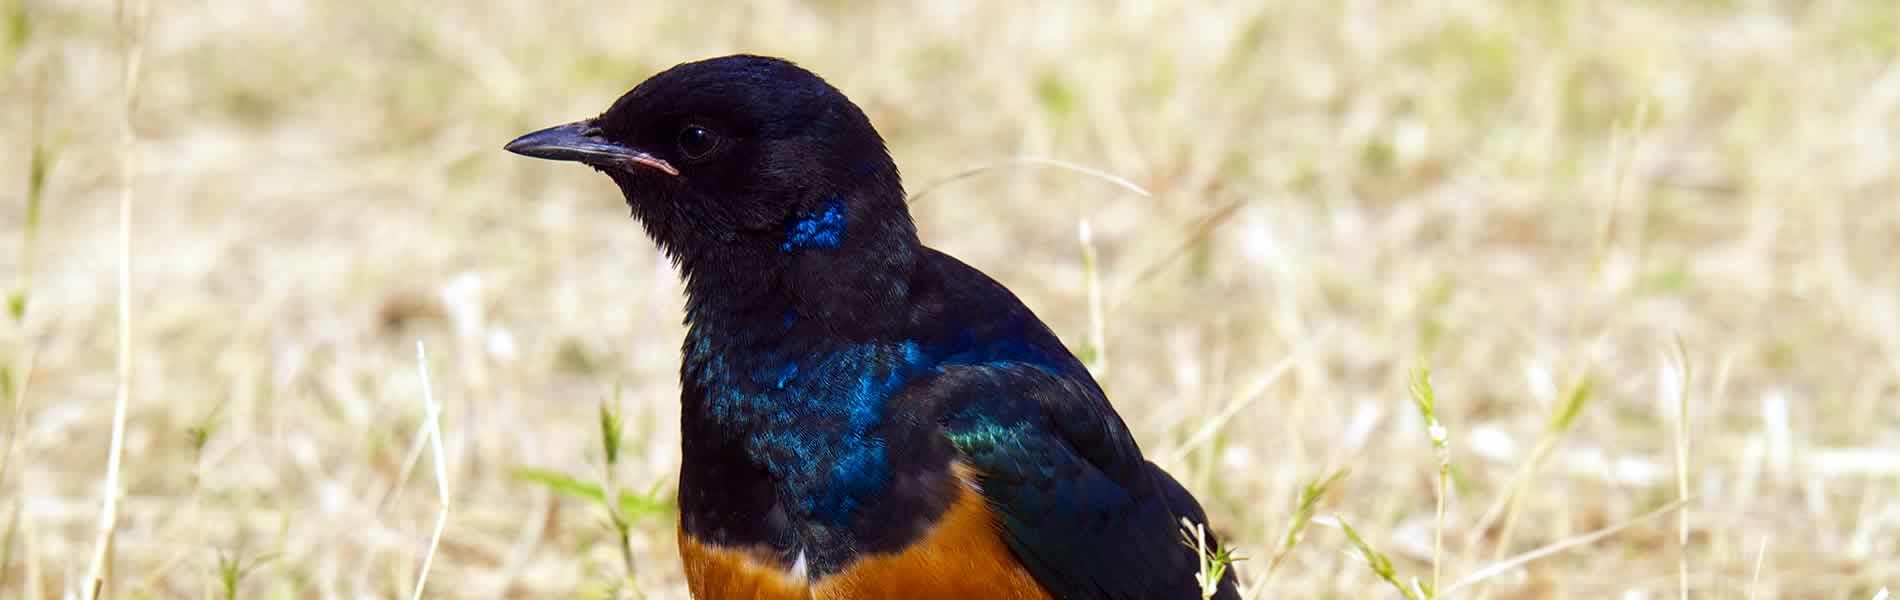 bird_ngorongoro_crater